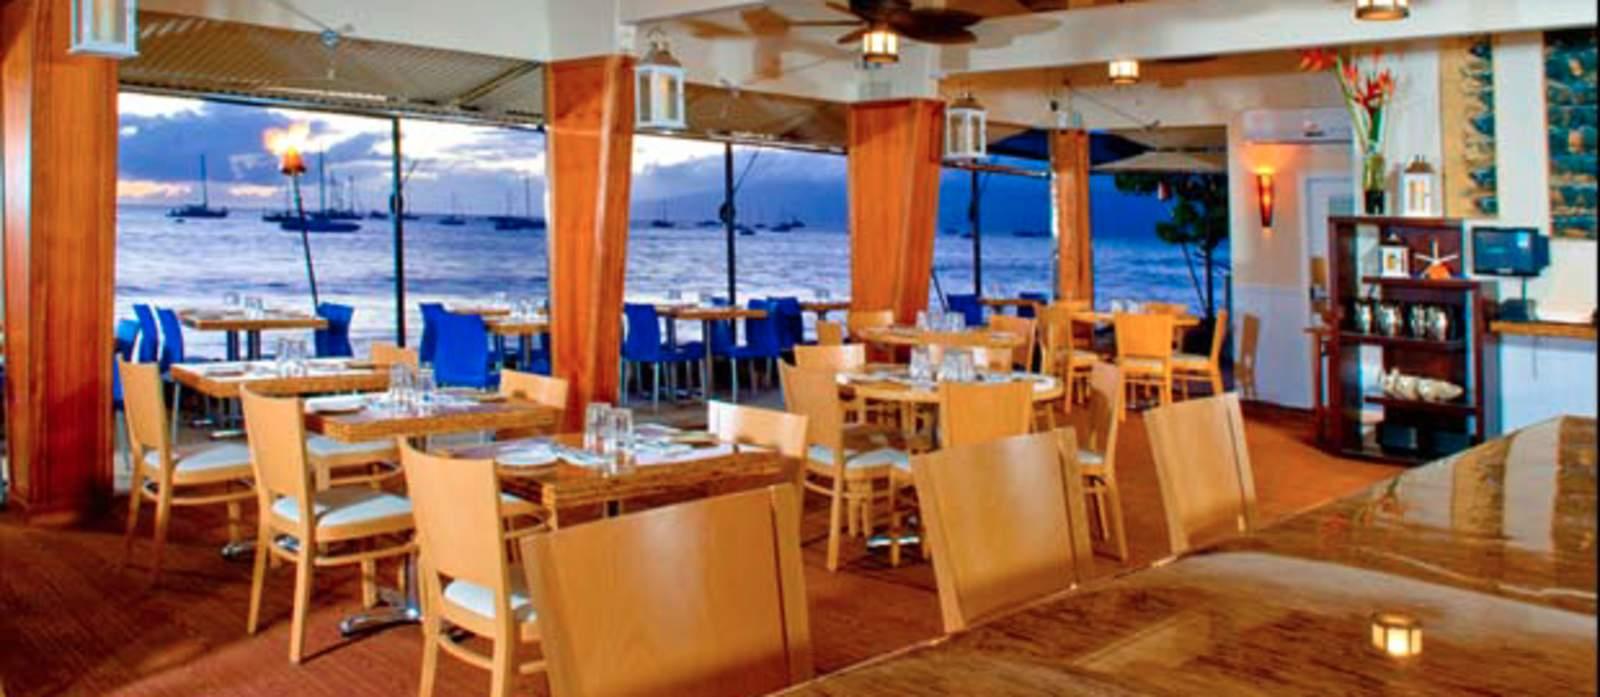 Honu Restaurant auf Maui